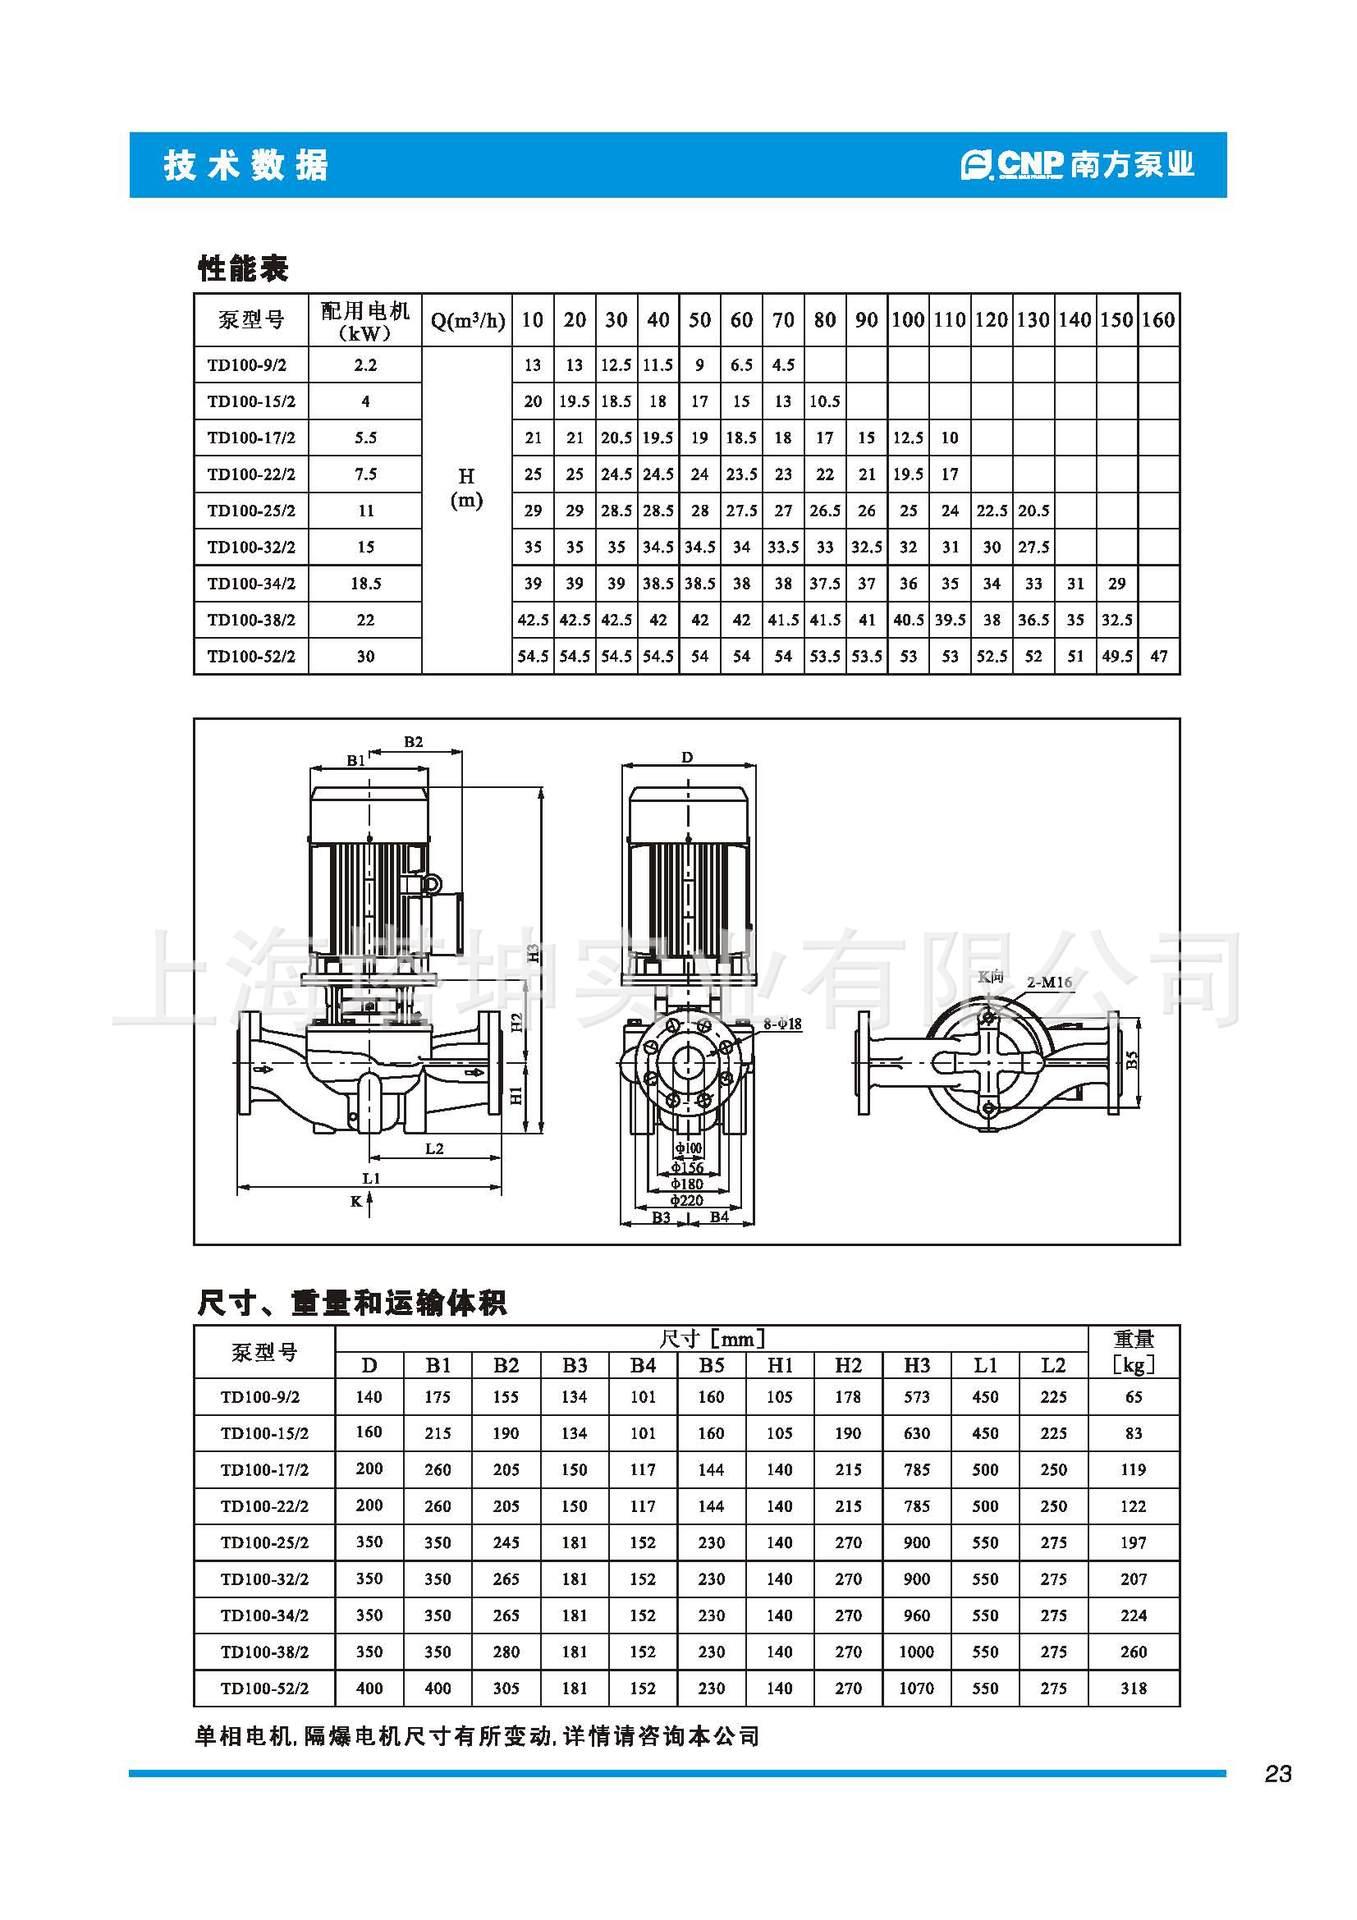 离心泵-南方版本TD100-52/2问题管道离心泵循号的关于立式图纸水泵图片